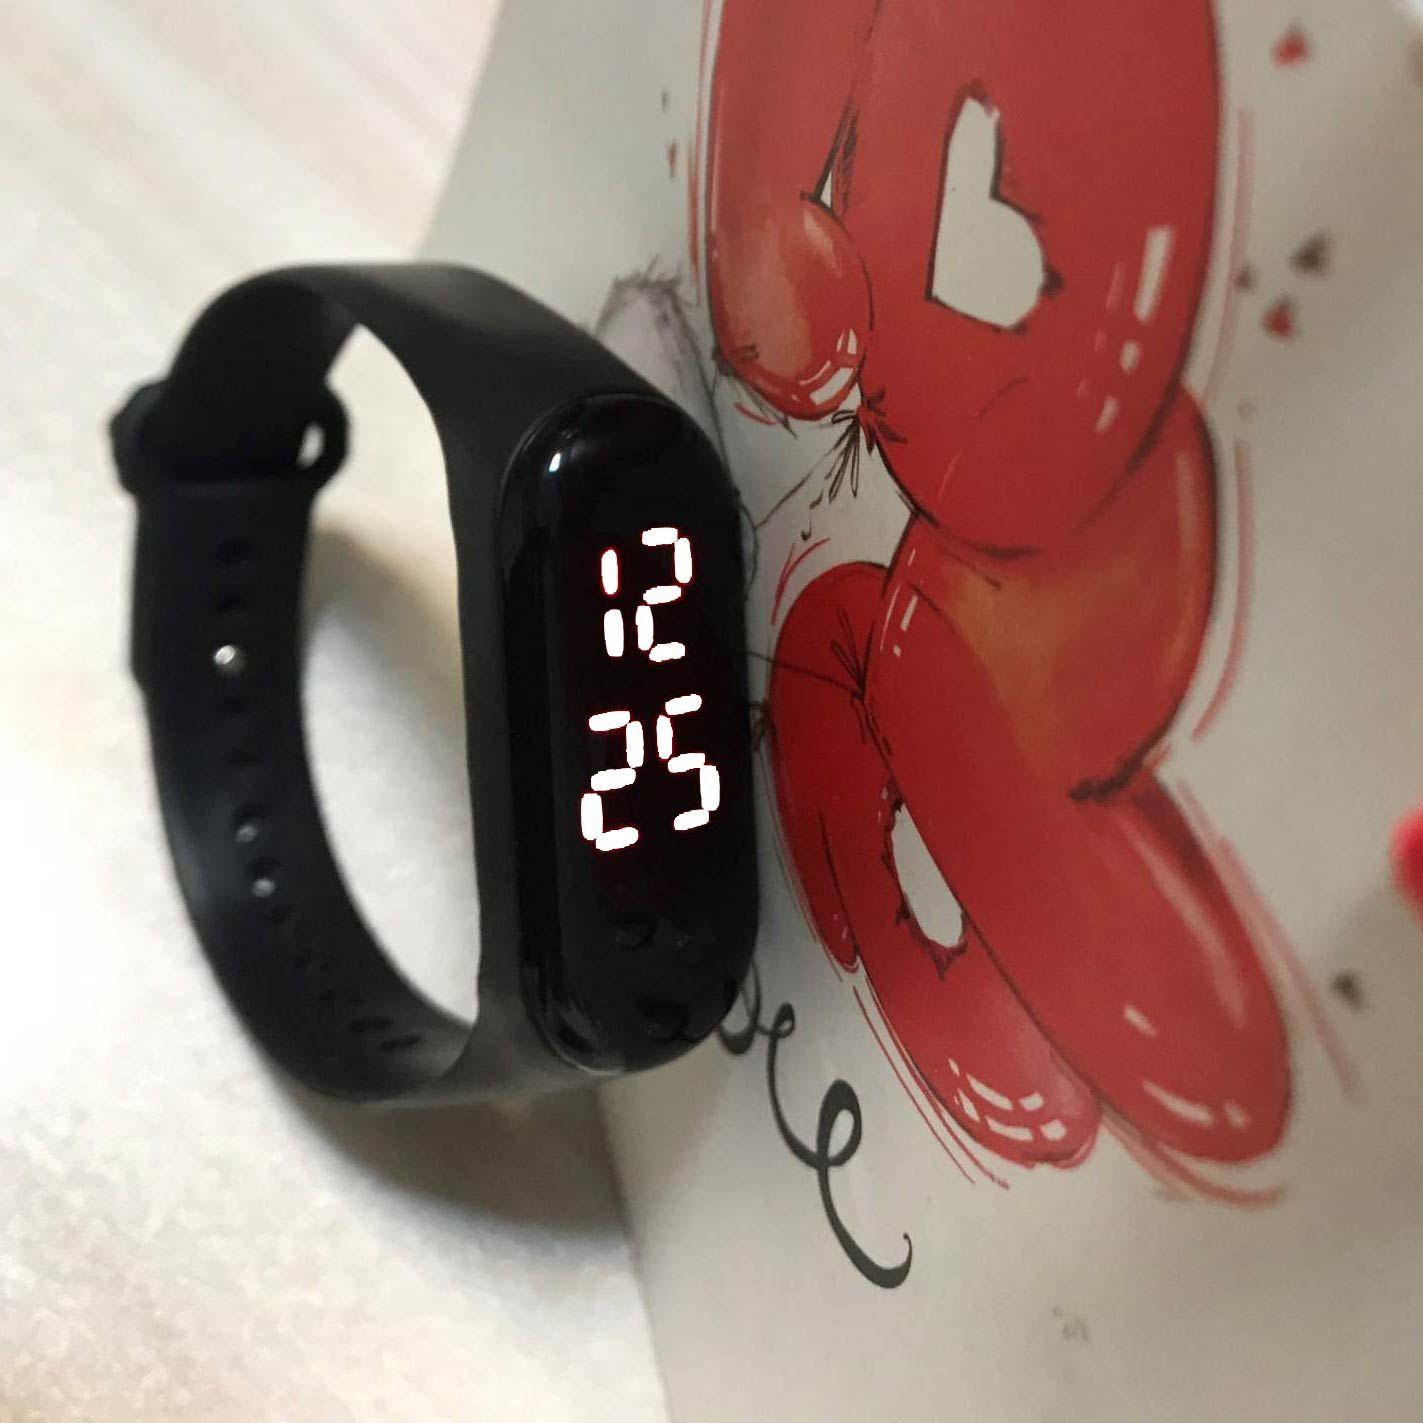 ساعت مچی دیجیتال مدل LE 2303 - ME -  - 3